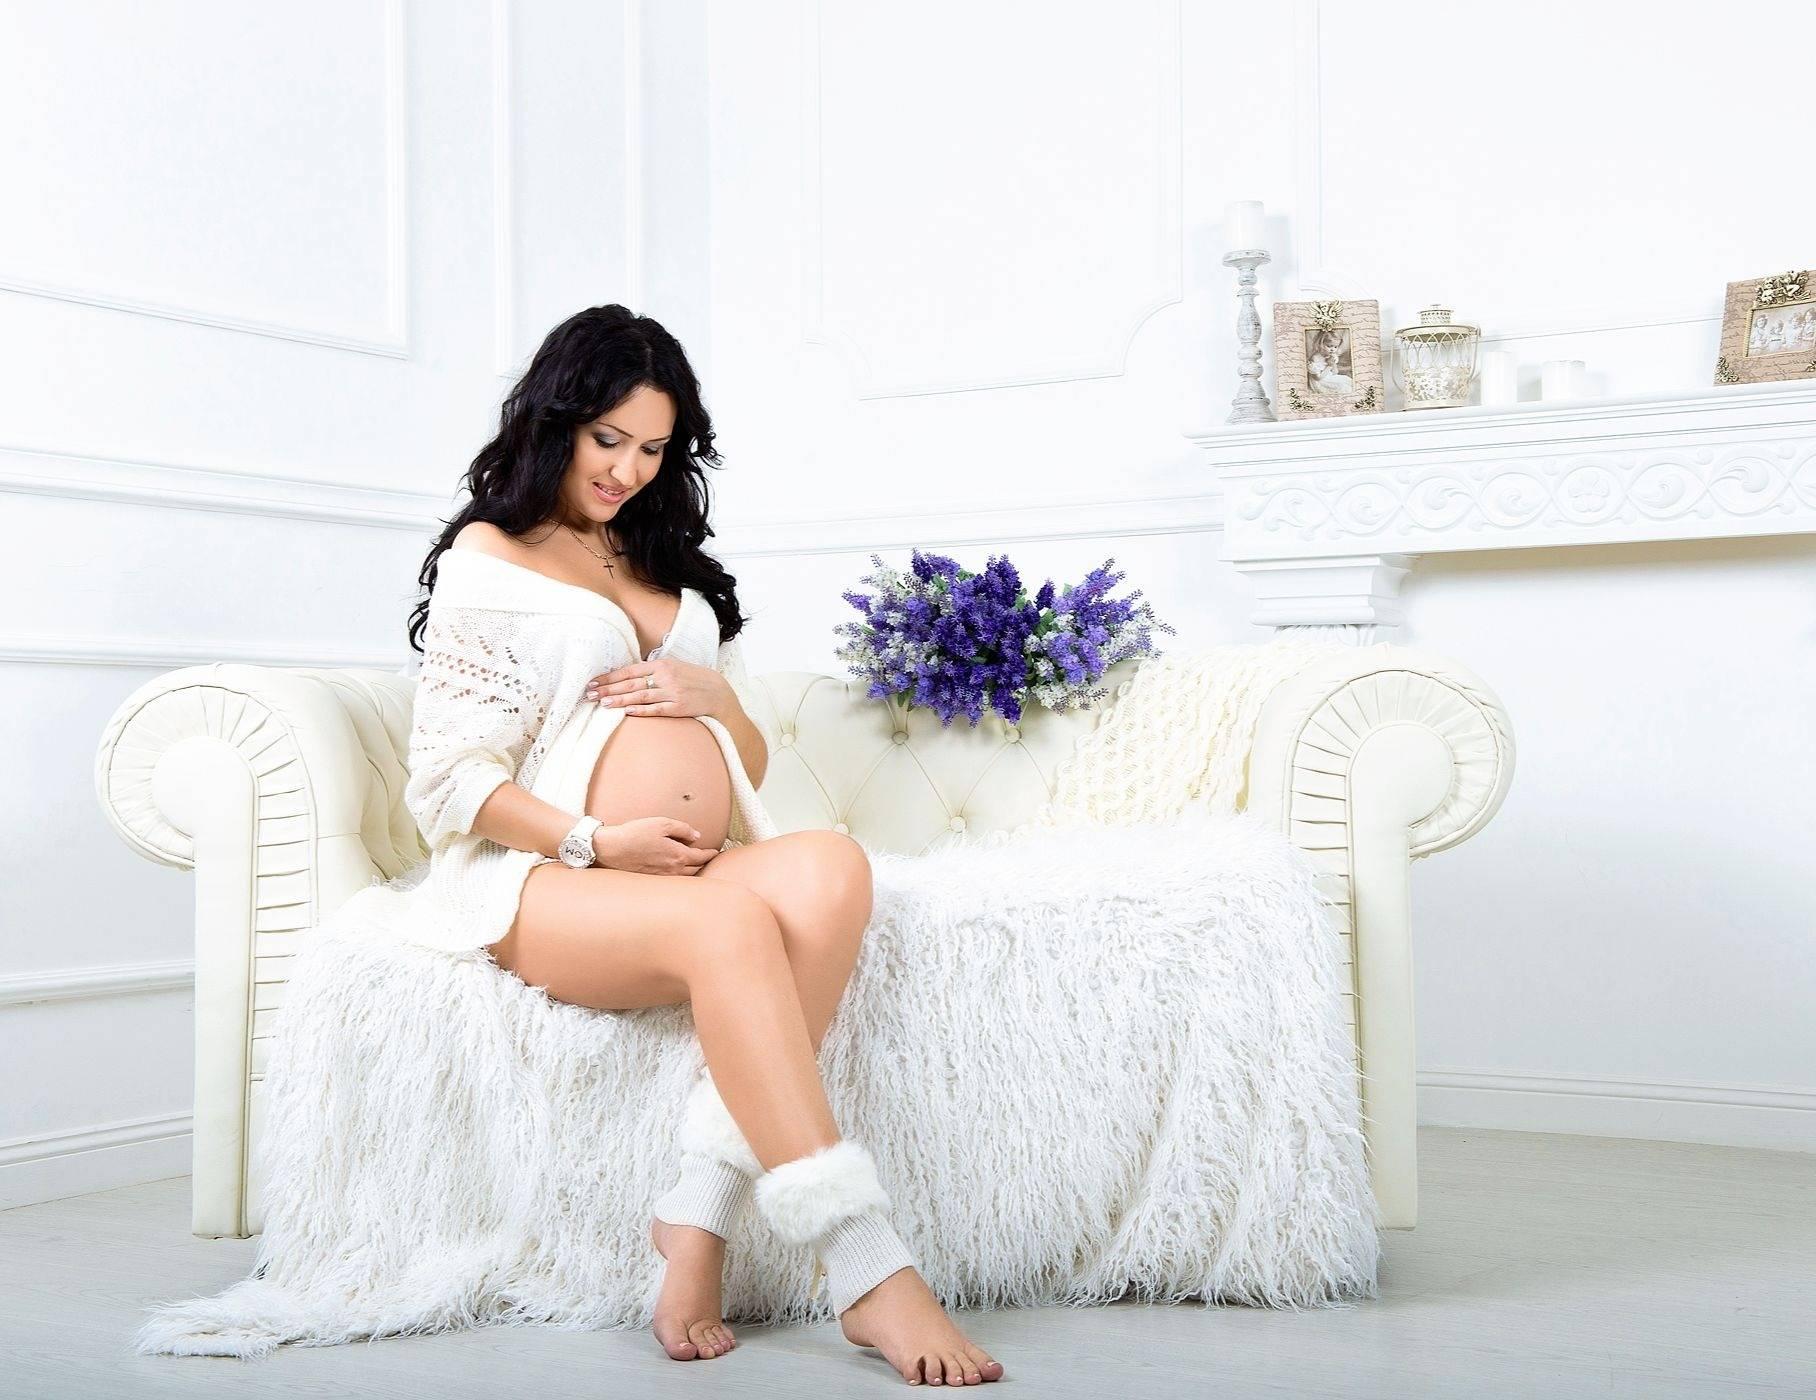 Фотосессия для беременных - идеи фотосессии, портфолио, стоимость